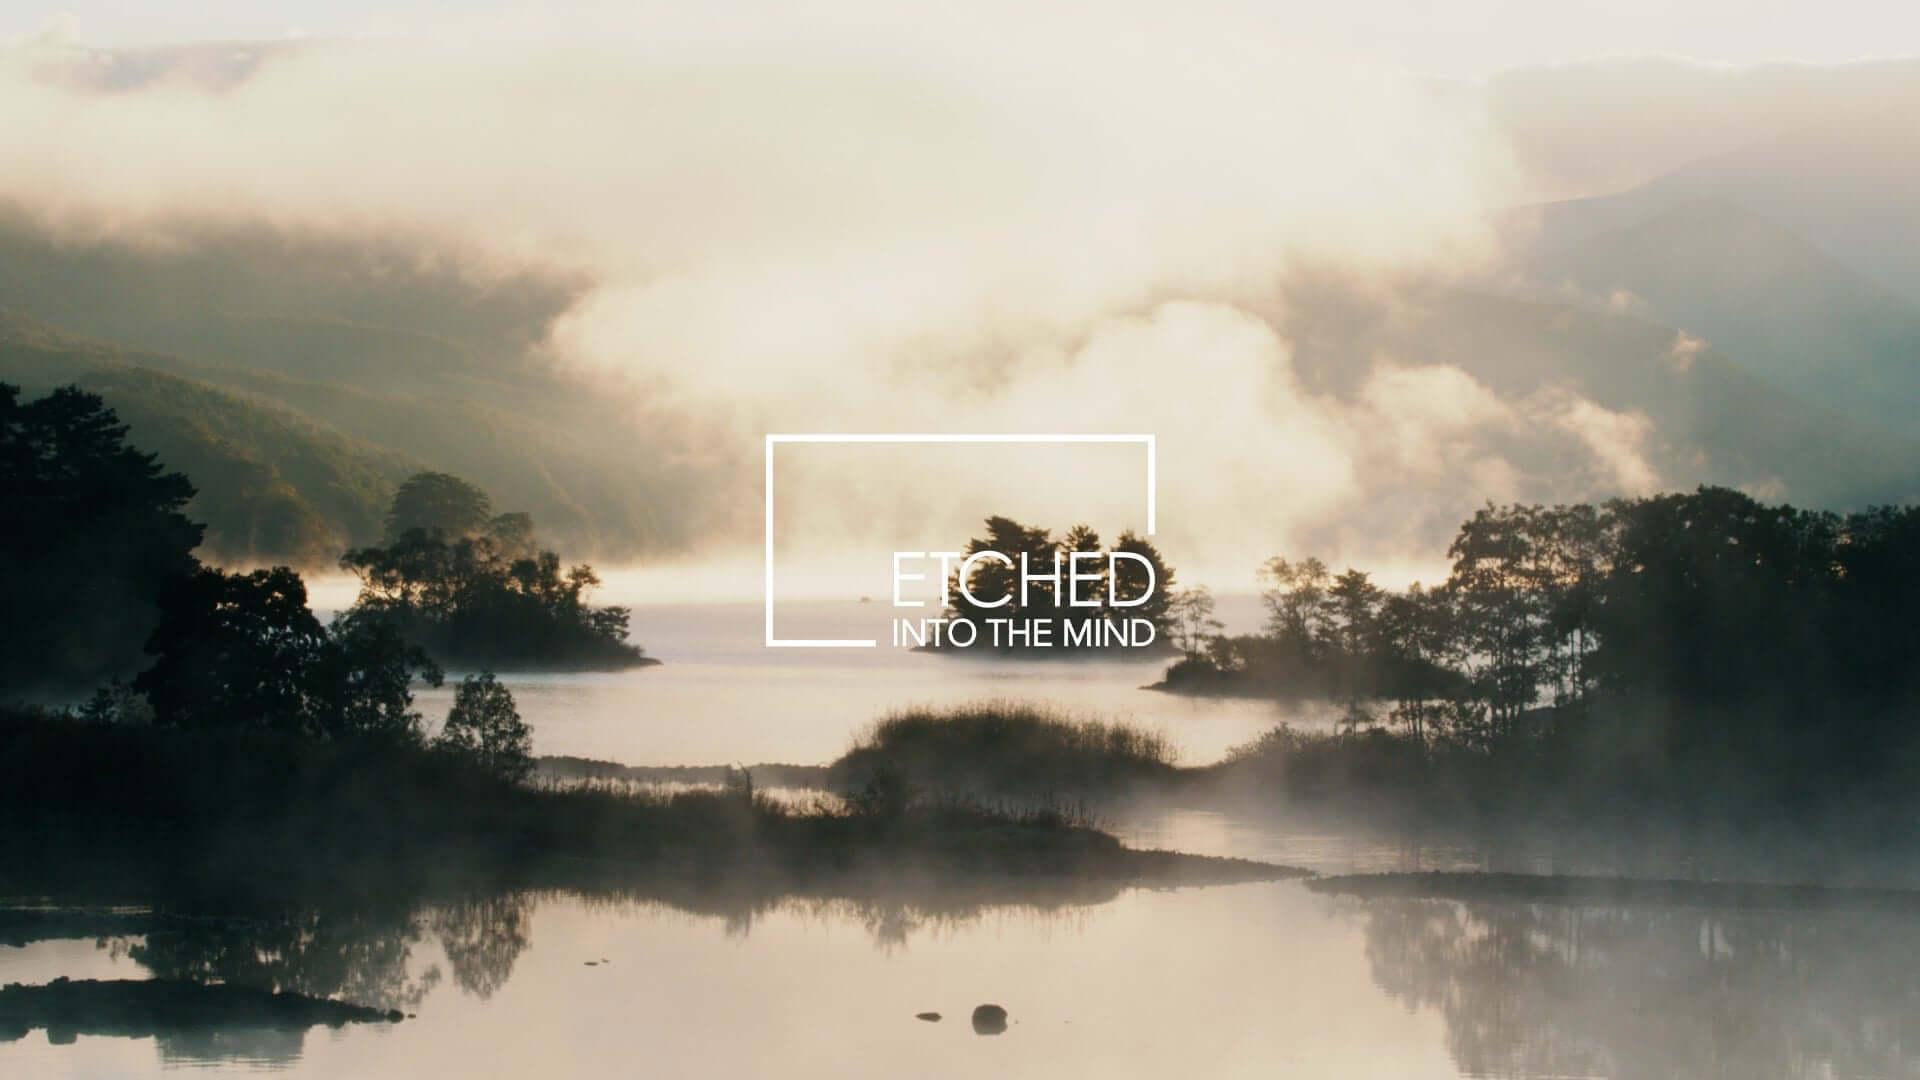 日本の風景&音楽を発信するアートプロジェクト「ETCHED」にSakura Tsurutaが登場!4Kのライブ映像が無料公開 music201120_etched_8-1920x1080